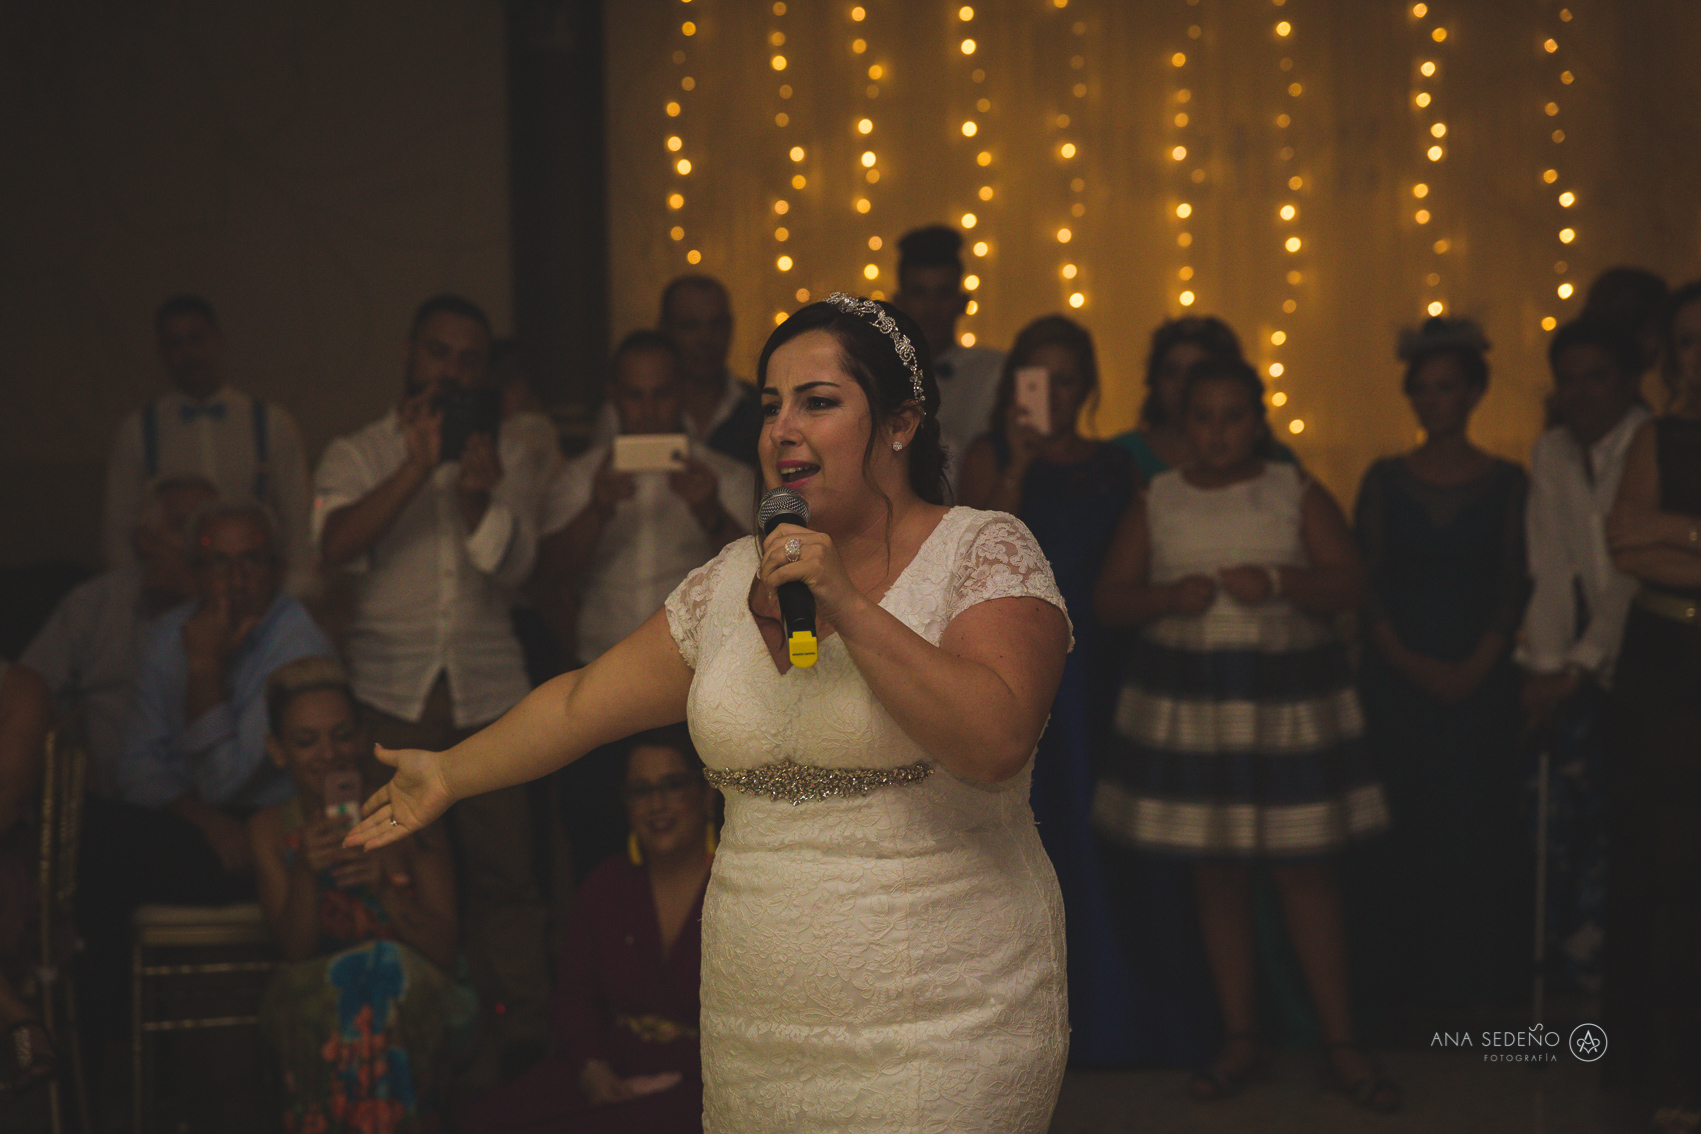 Ana Sedeño Fotografa.-105